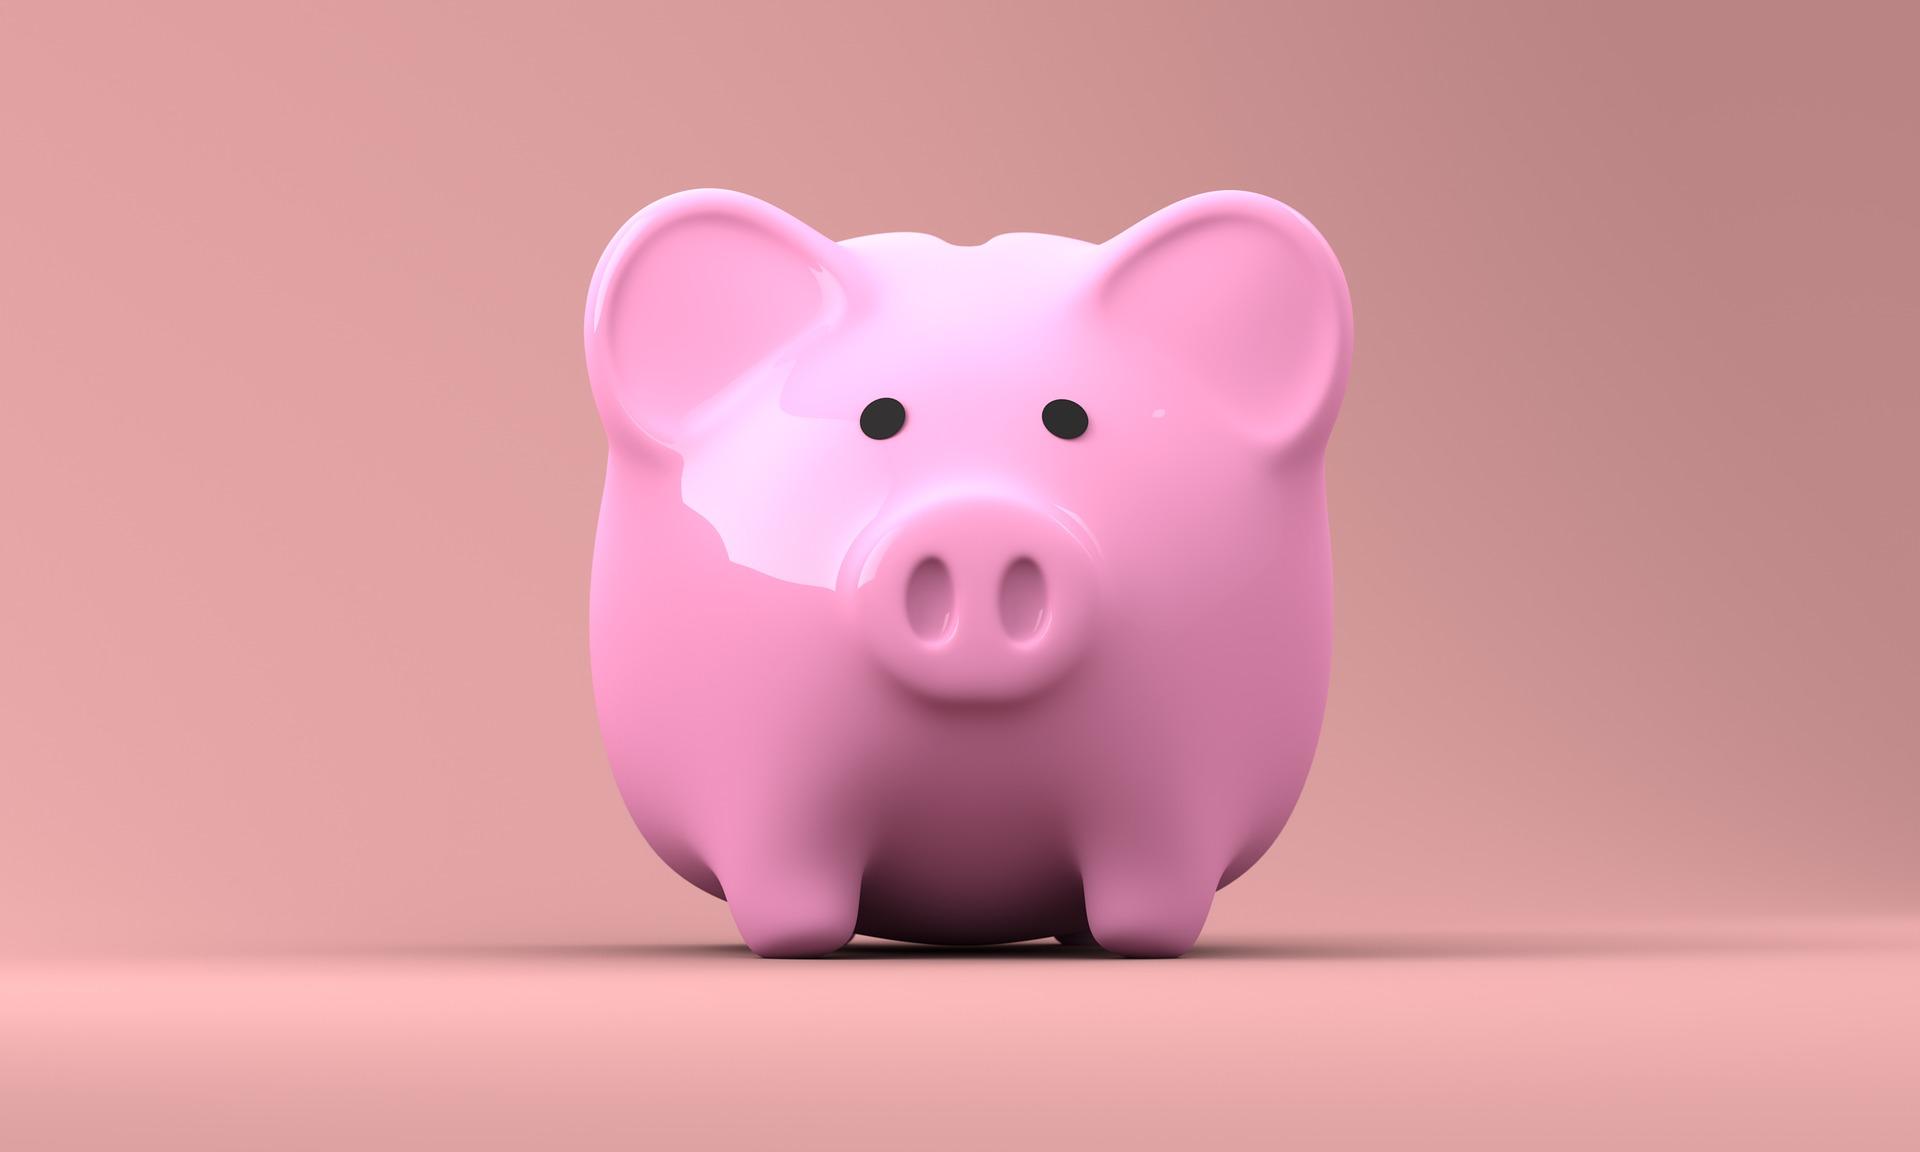 piggy-bank-2889042_1920